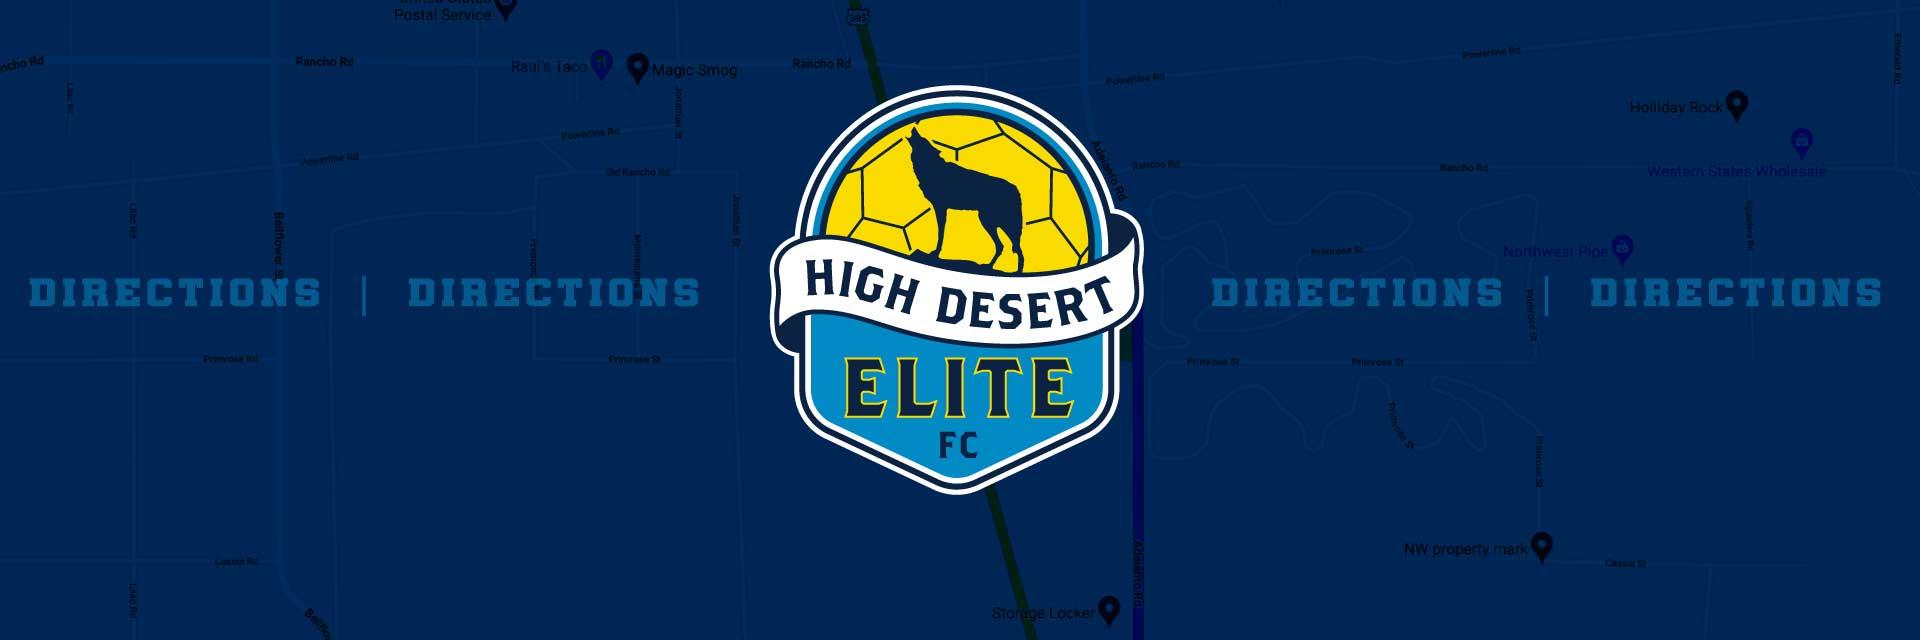 HIGH DESERT ELITE Directions